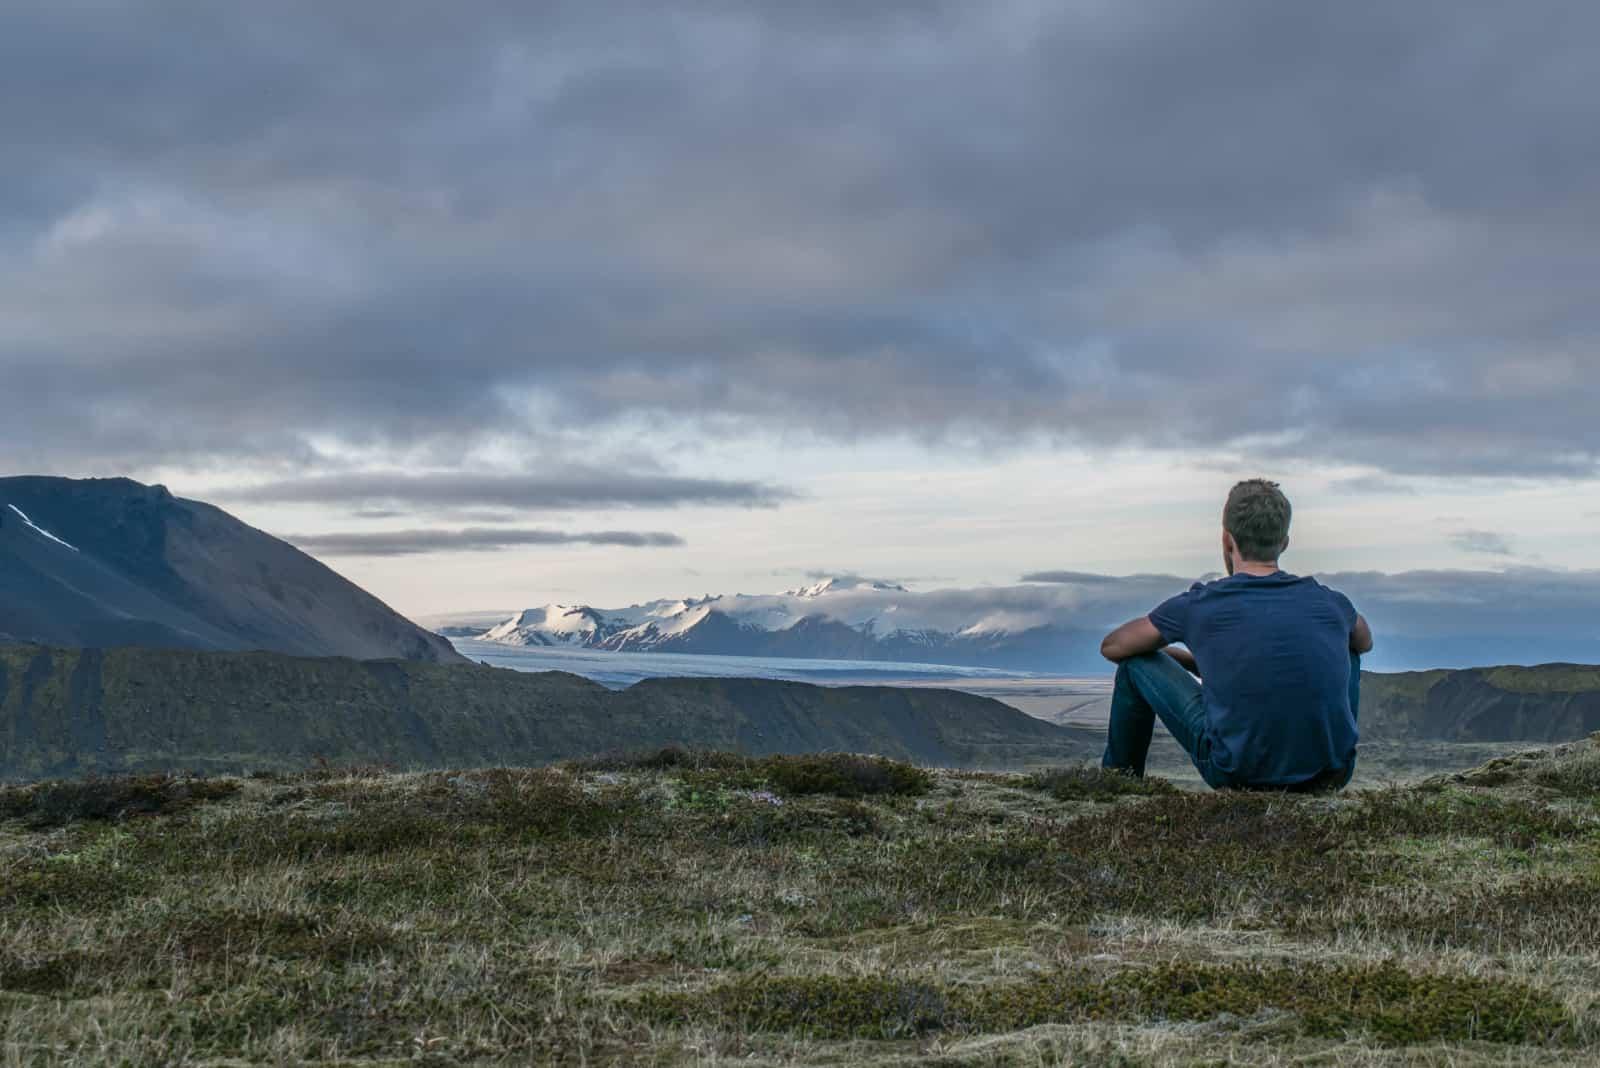 homme en chemise bleue assis au sommet d'une montagne